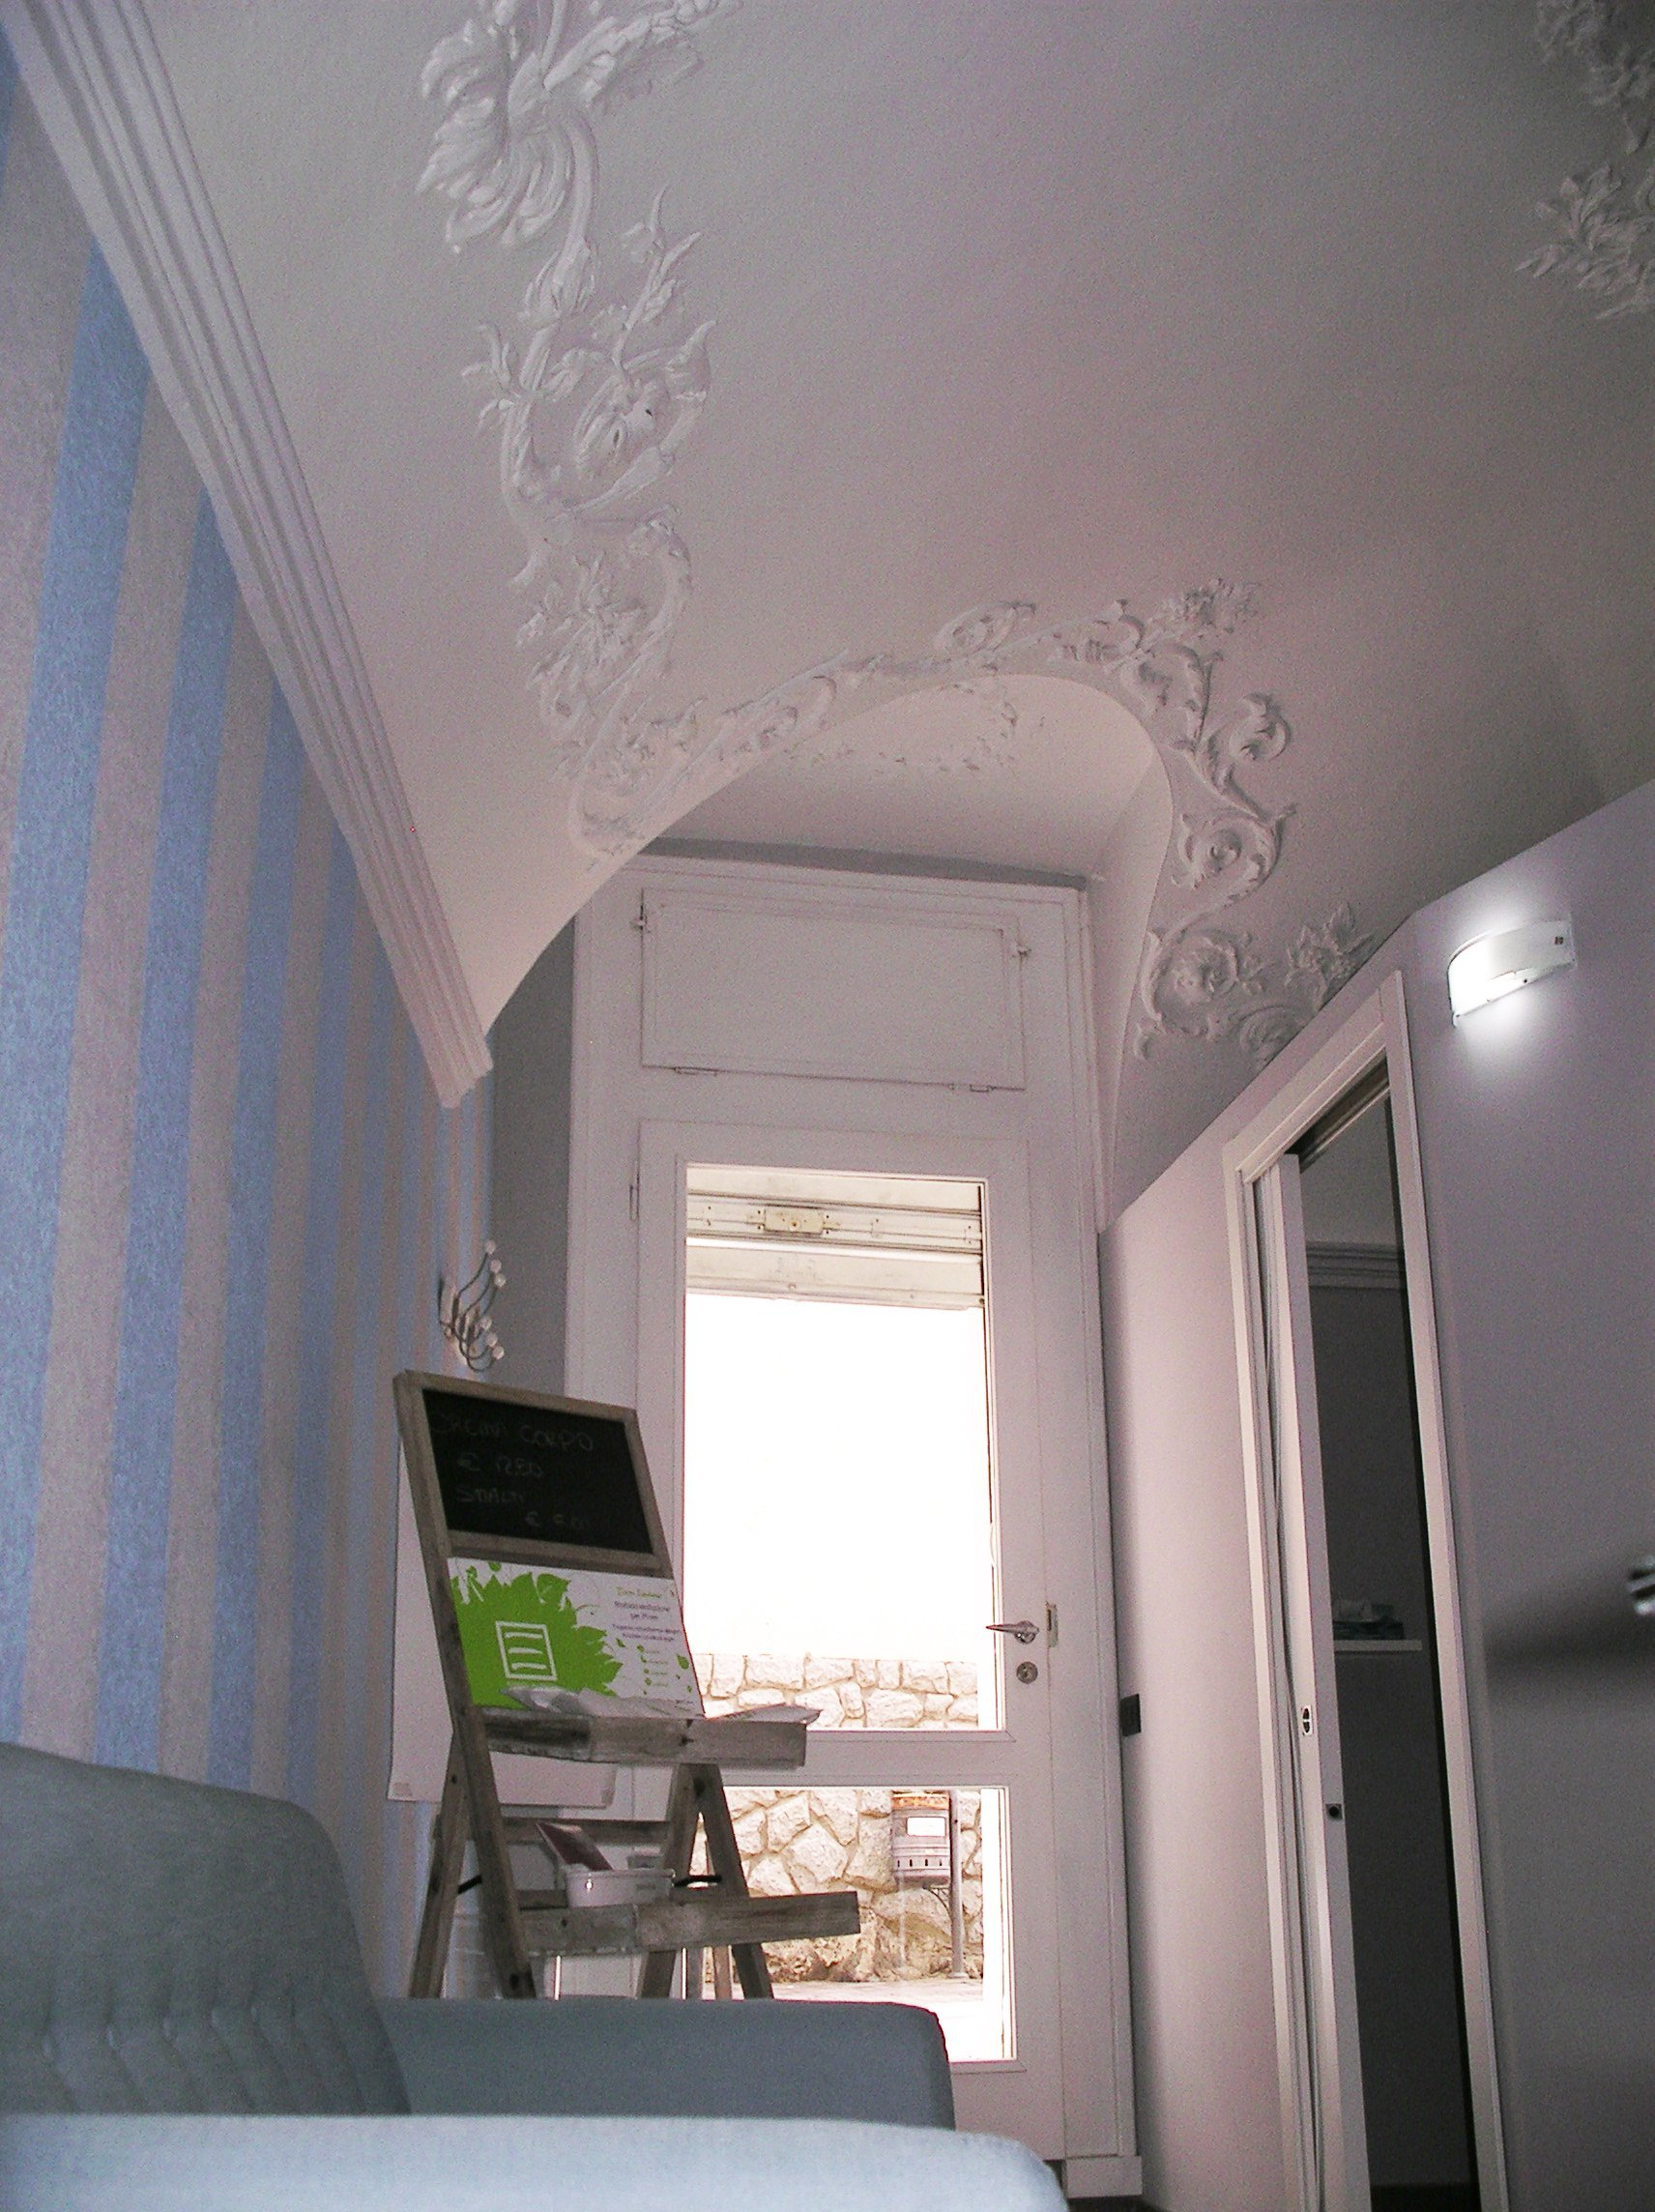 soffitto con decorazione in una stanza